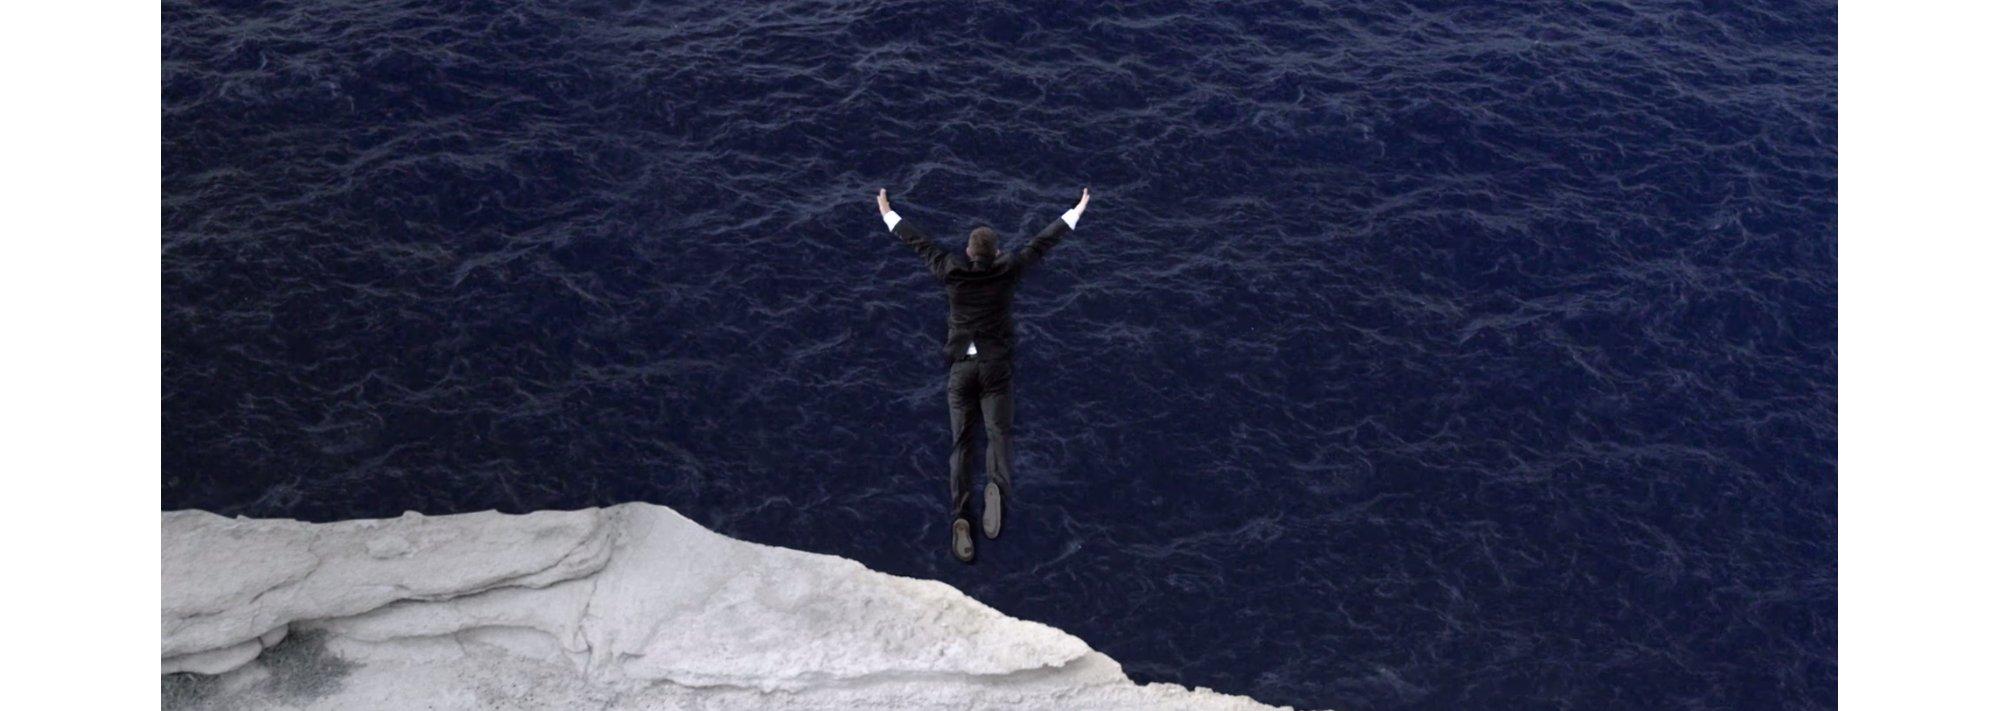 David Colturi bei seinem Sprung von einer Klippe im Superblack Anzug von HUGO